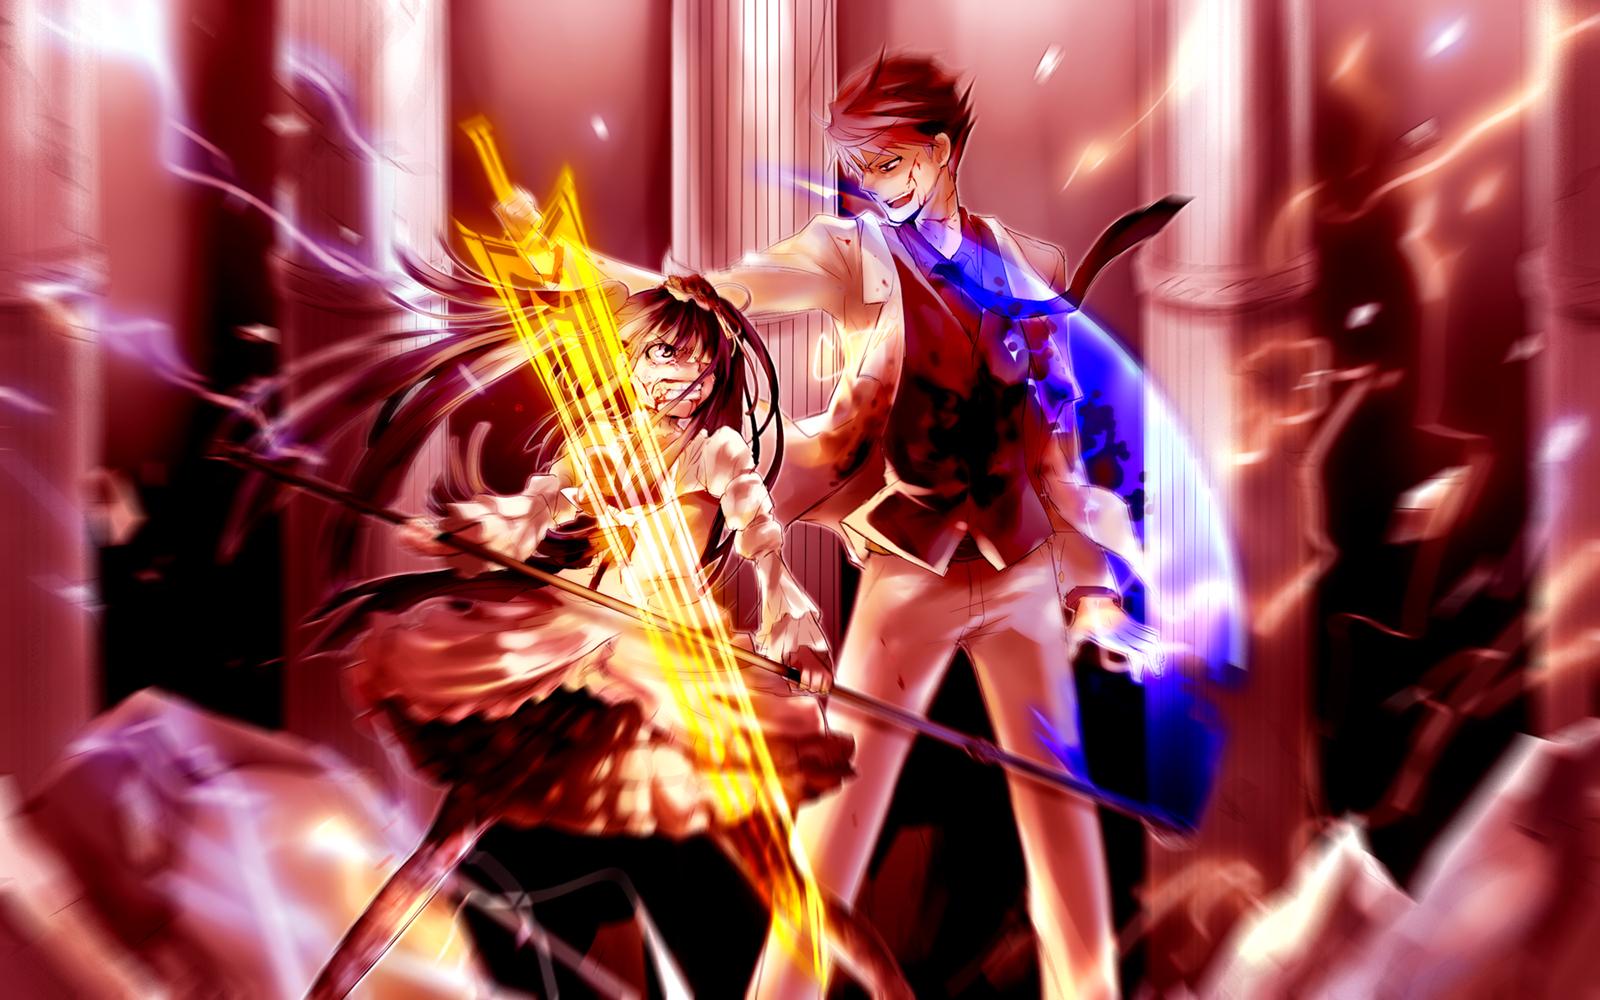 http://1.bp.blogspot.com/-J-hM10Btg6Y/Tf1FJ5hexMI/AAAAAAAAA1s/lDgNqwuXzsI/s1600/konachan-com-87287-blood-furudo_erika-kl-scythe-sword-umineko_no_naku_koro_ni-ushiromiya_battler-weapon.jpg